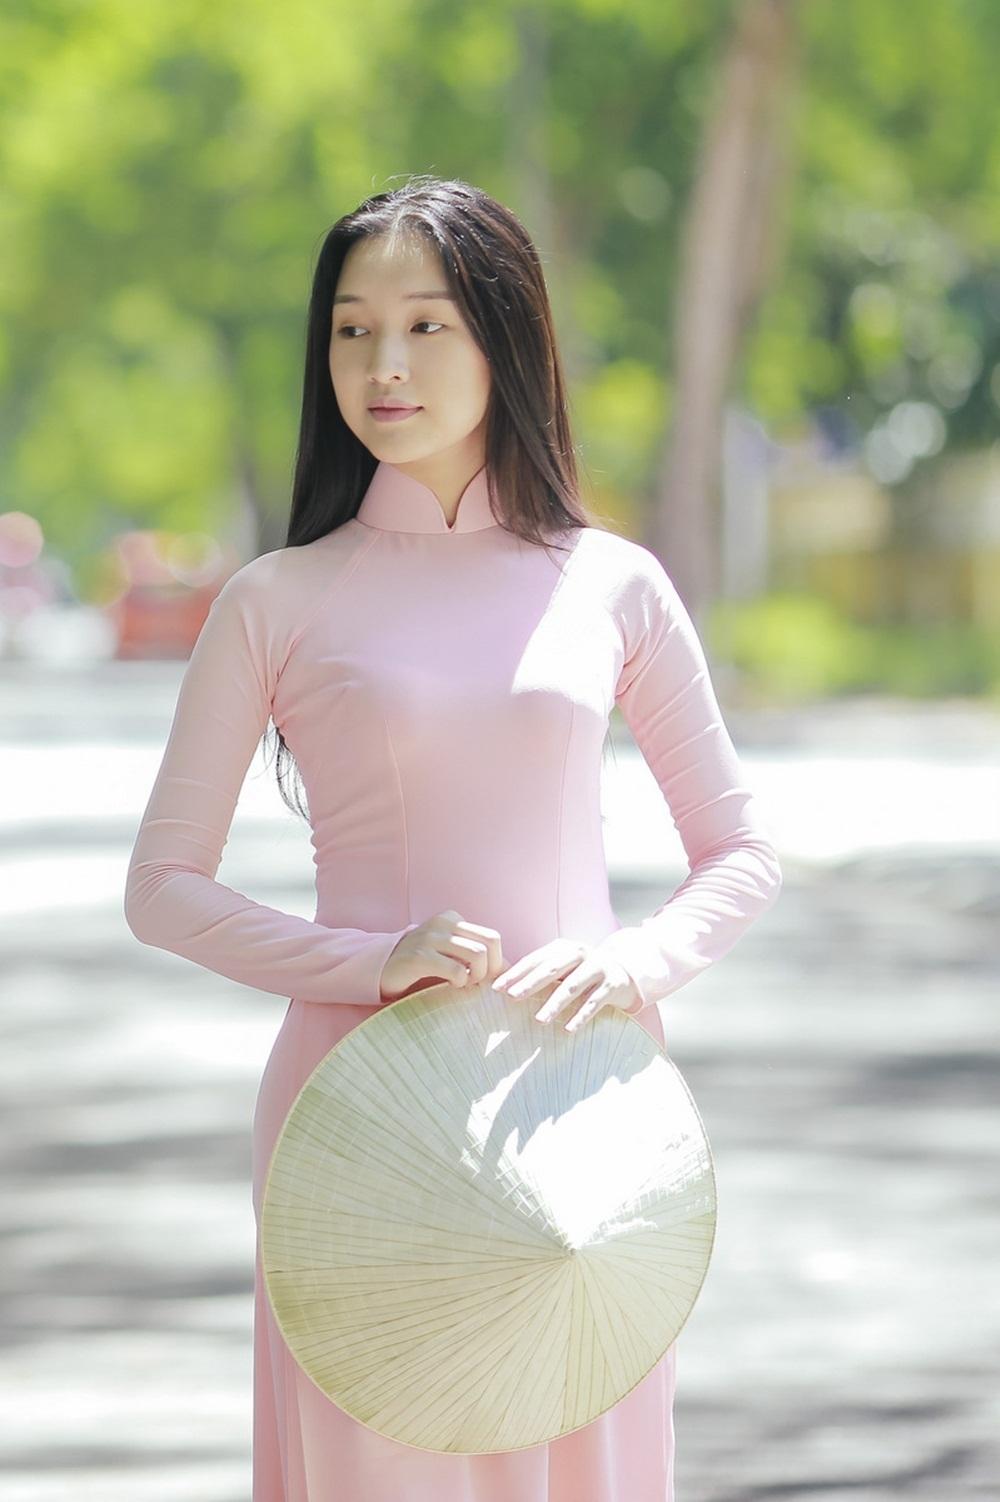 Nhan sắc nàng thơ xứ Huế vào chung kết Hoa hậu Việt Nam - Ảnh 7.